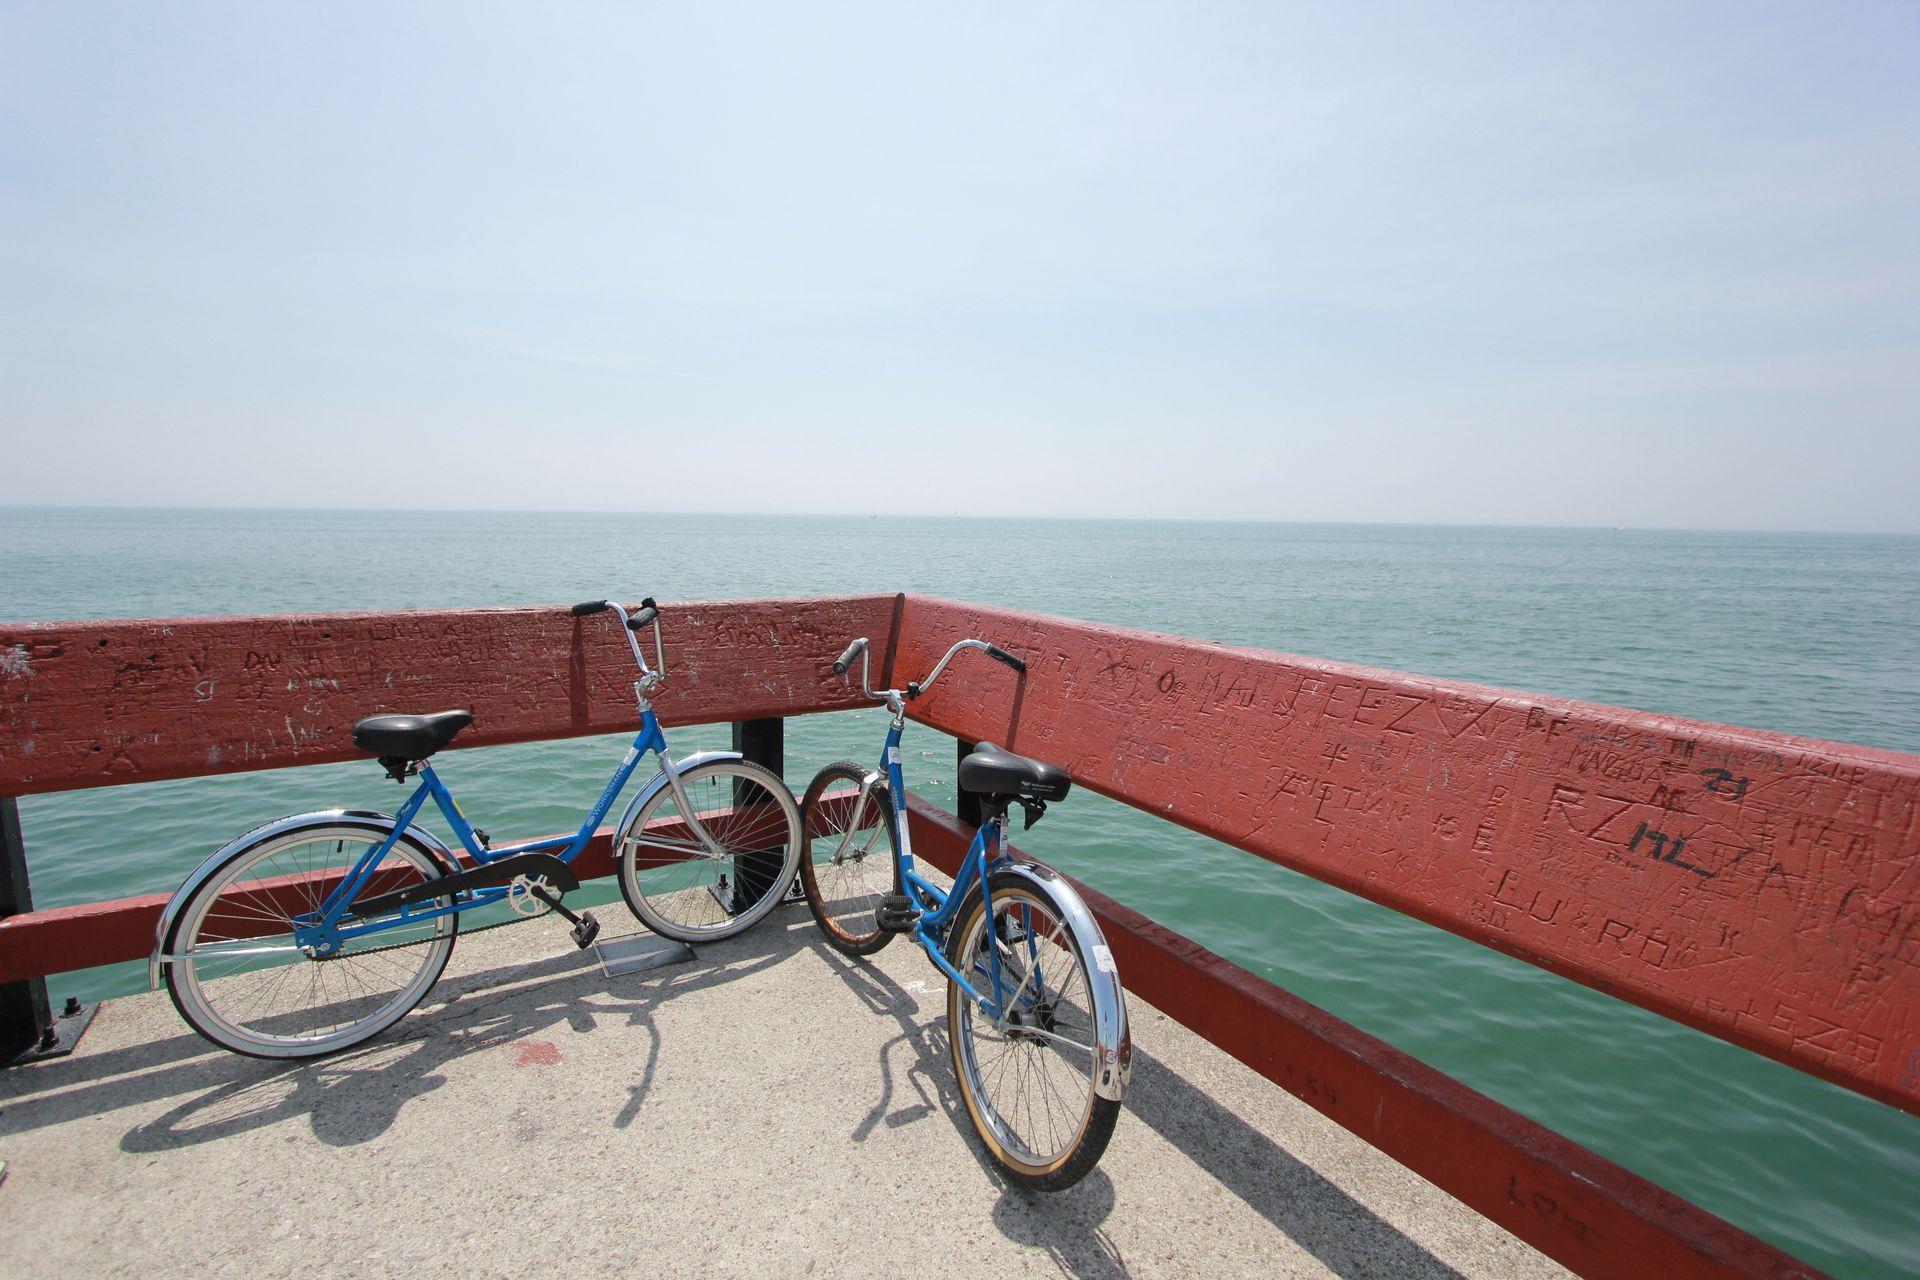 La gestion de l'autonomie du smartphone est indispensable pour garer ses deux vélos bleus contre une rambarde au bord de la mer !